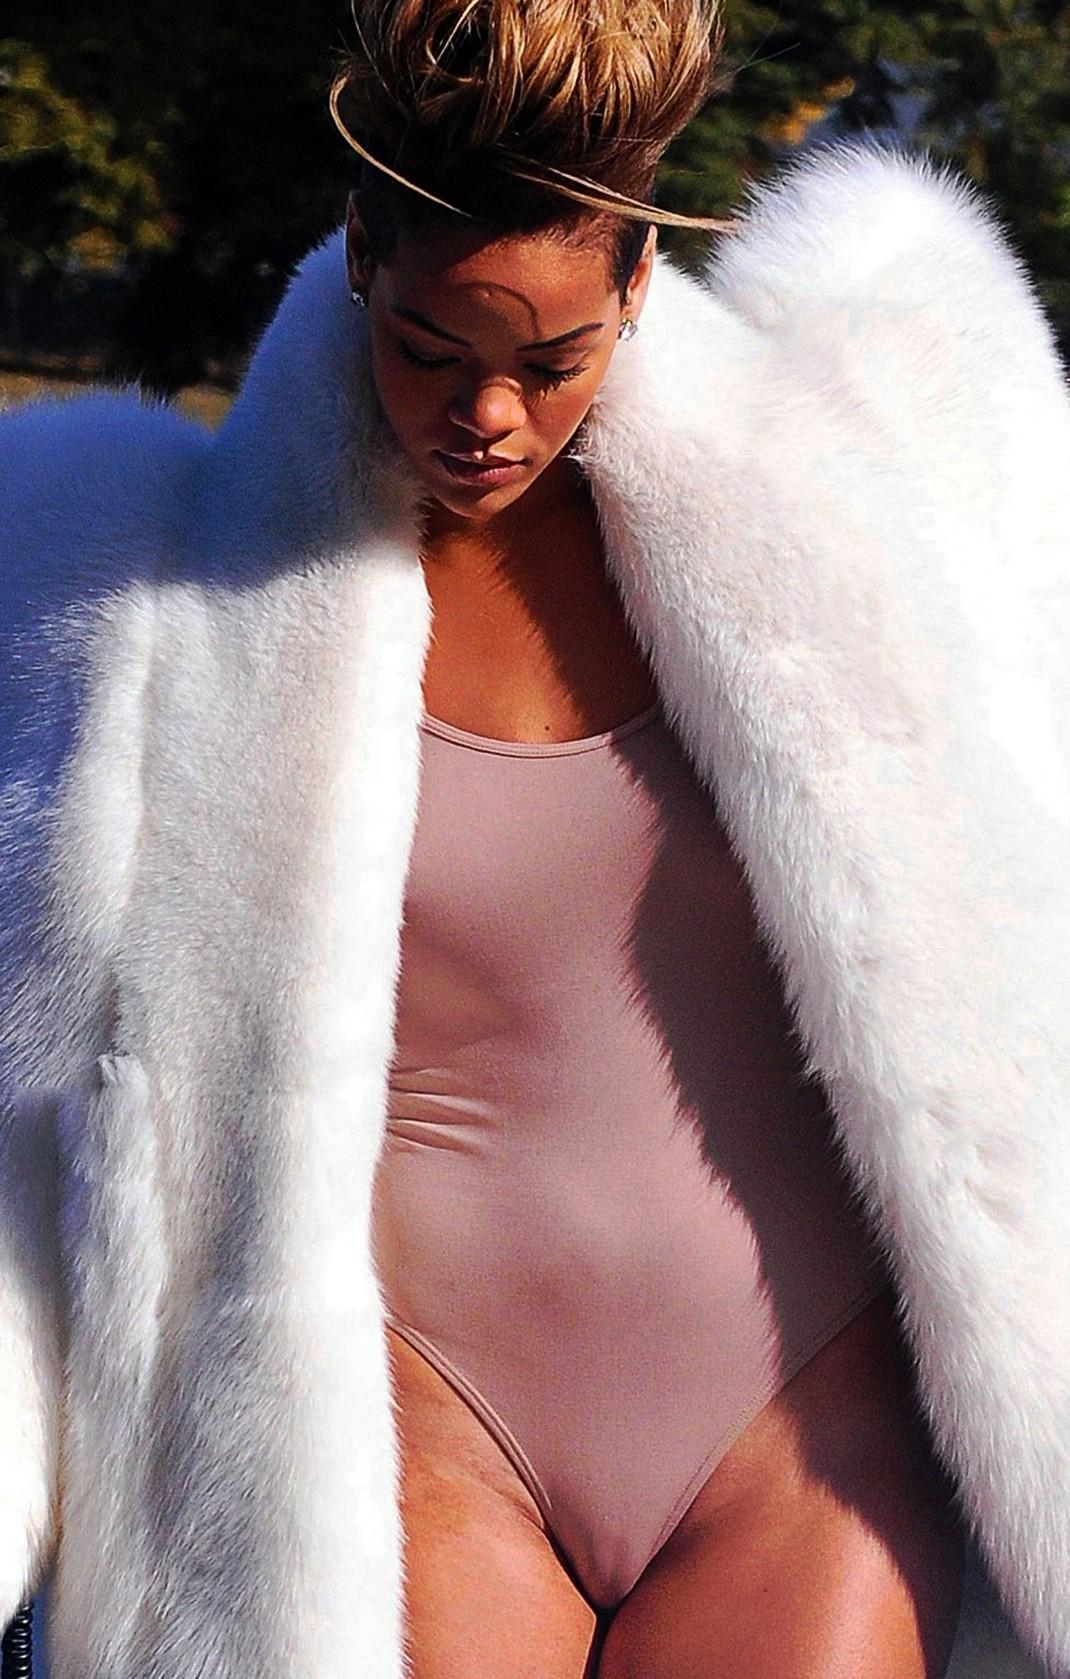 Pussy rihanna nude Rihanna Porn: